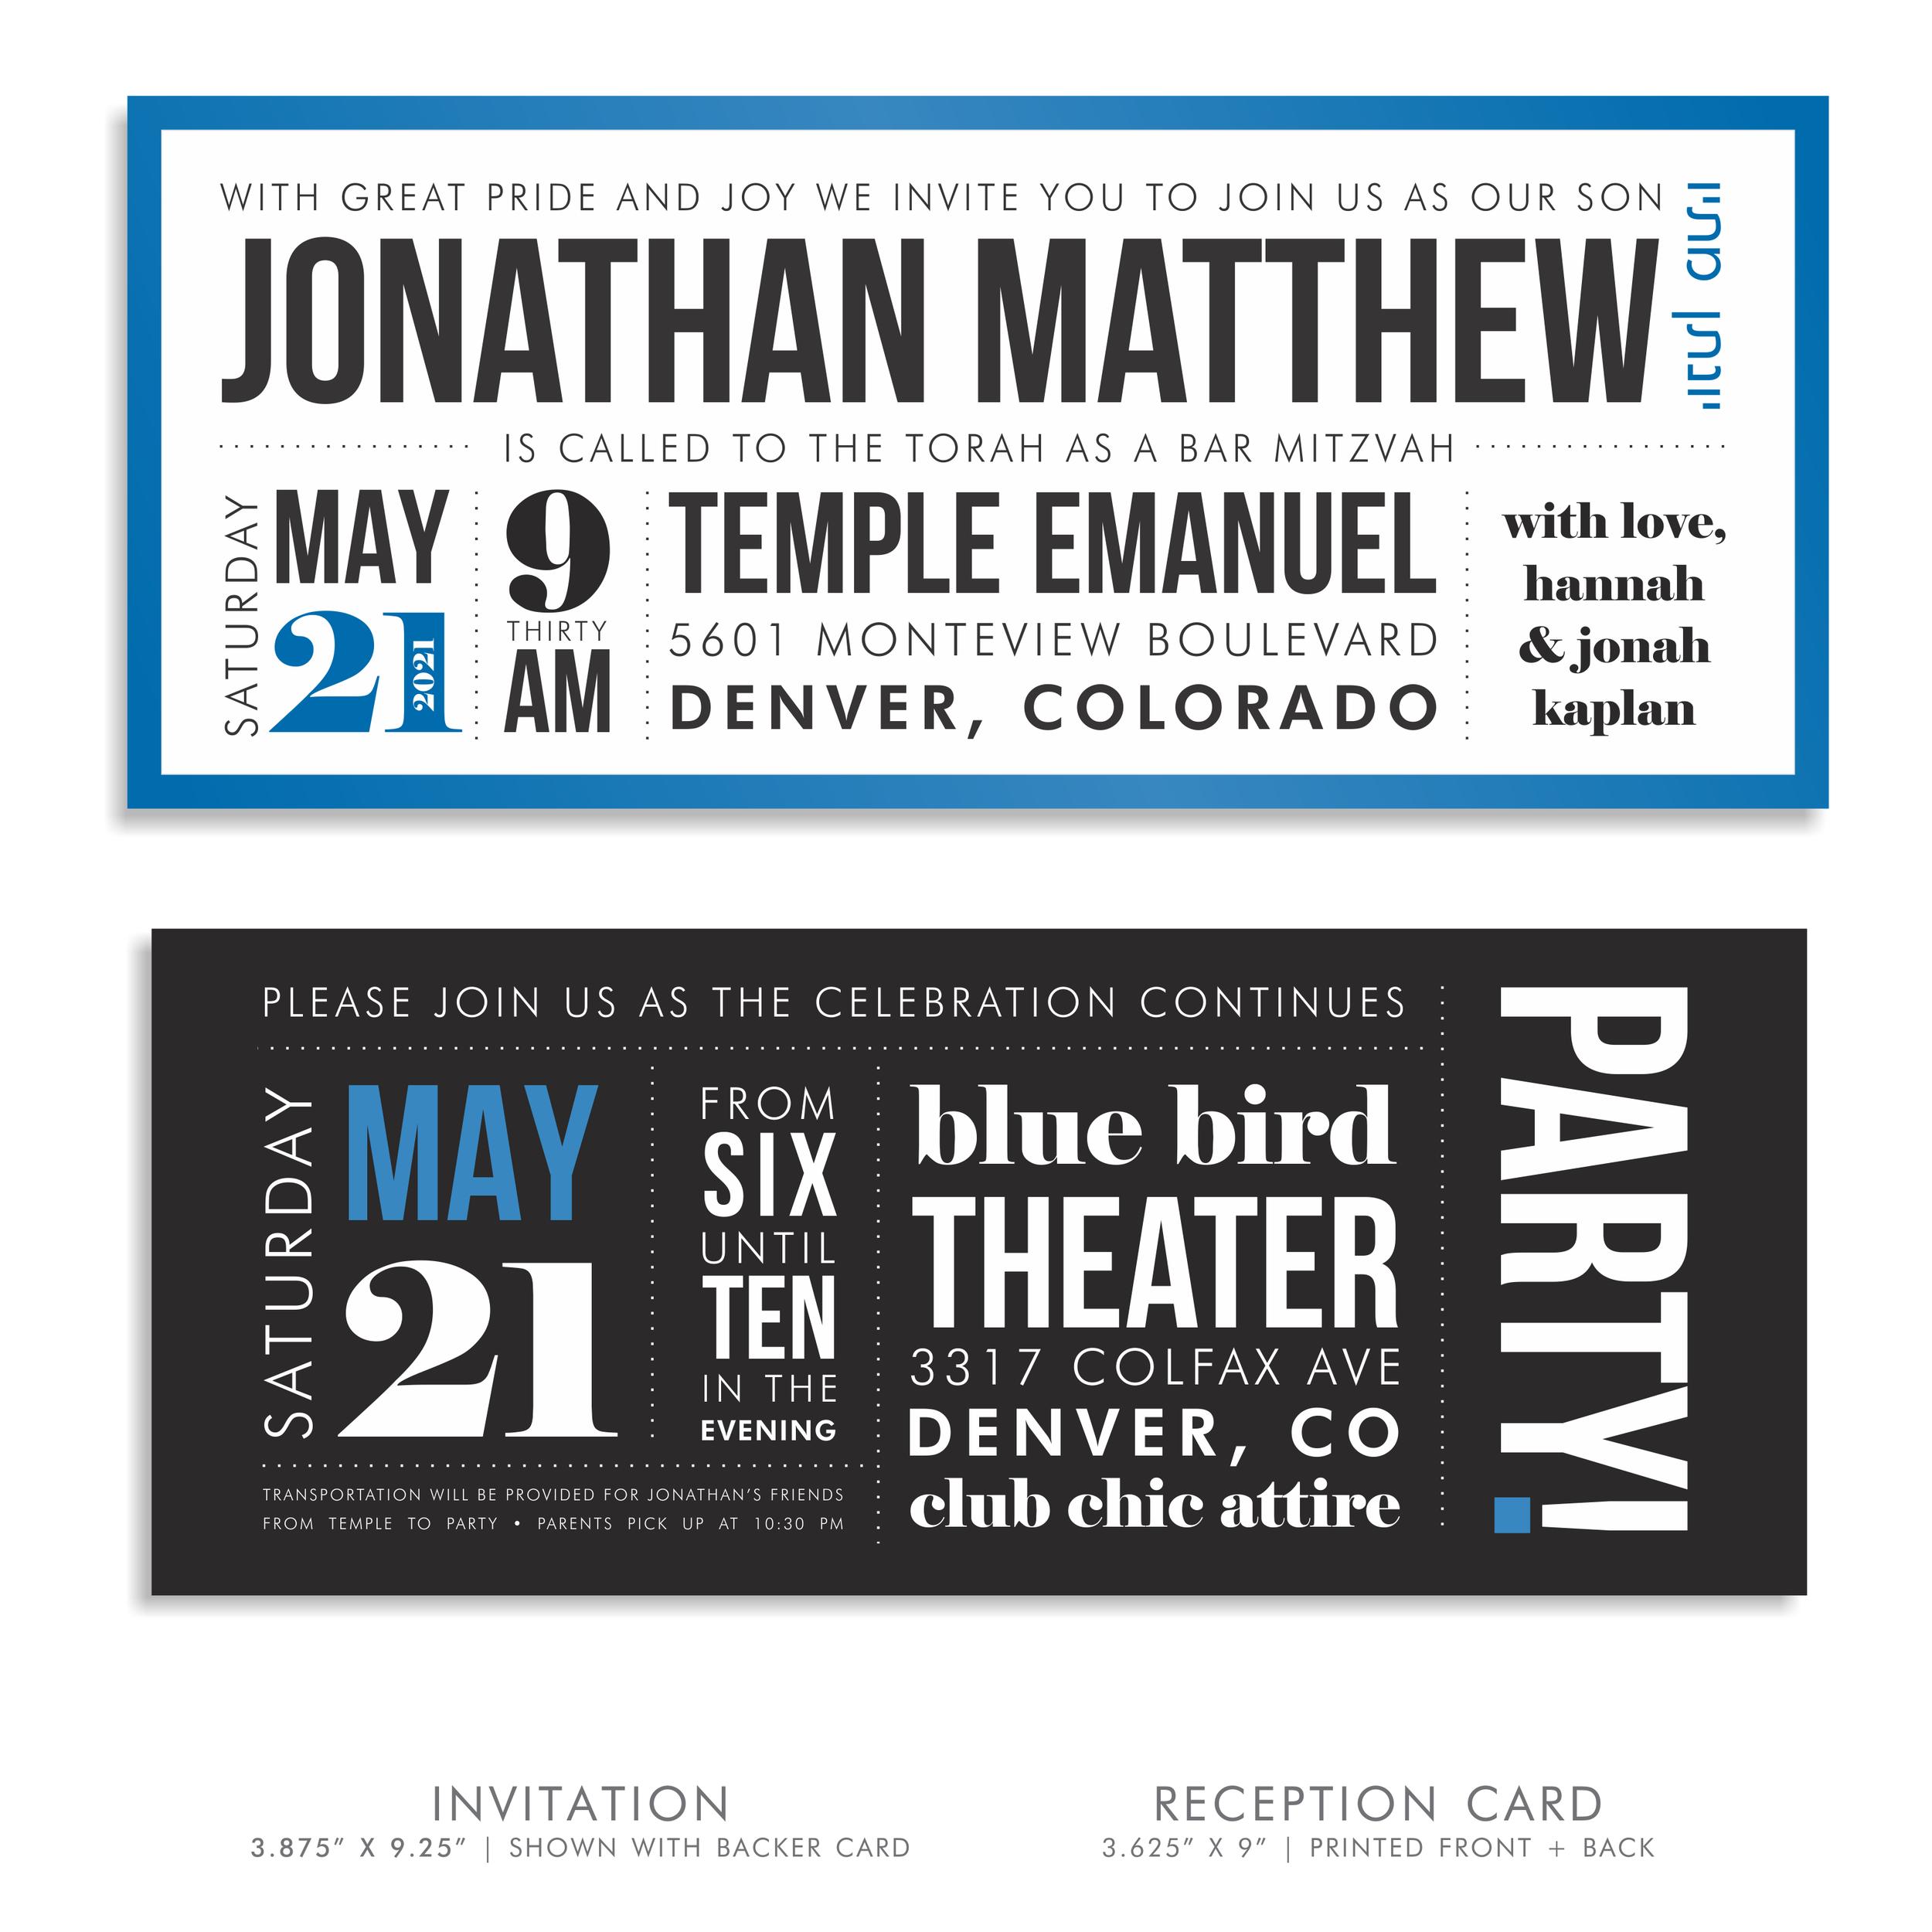 5079 JONATHAN MATTHEW NEW PAGE.png